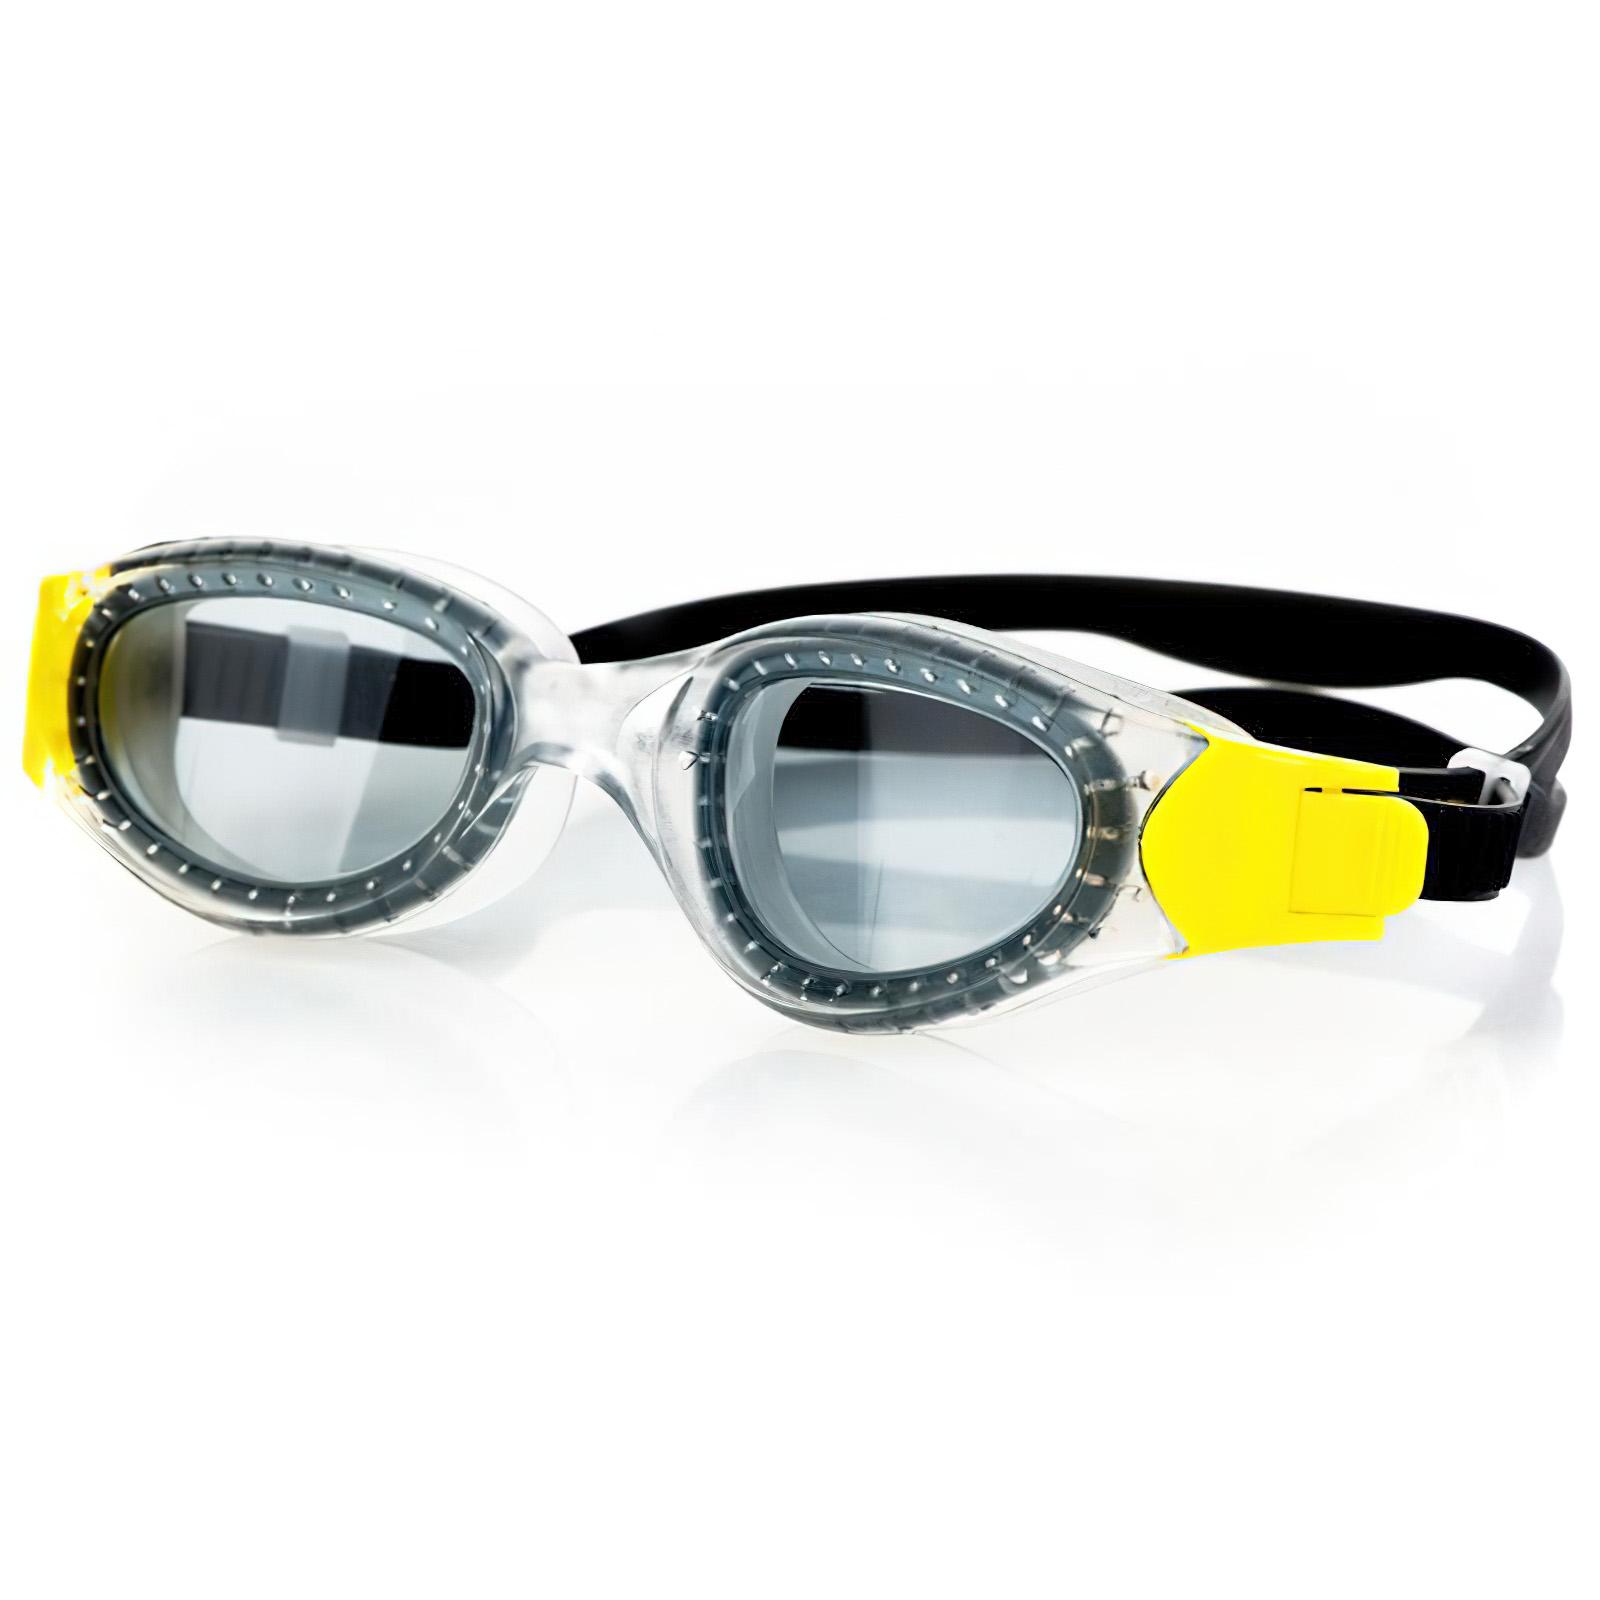 Plavecké brýle SIGIL černé